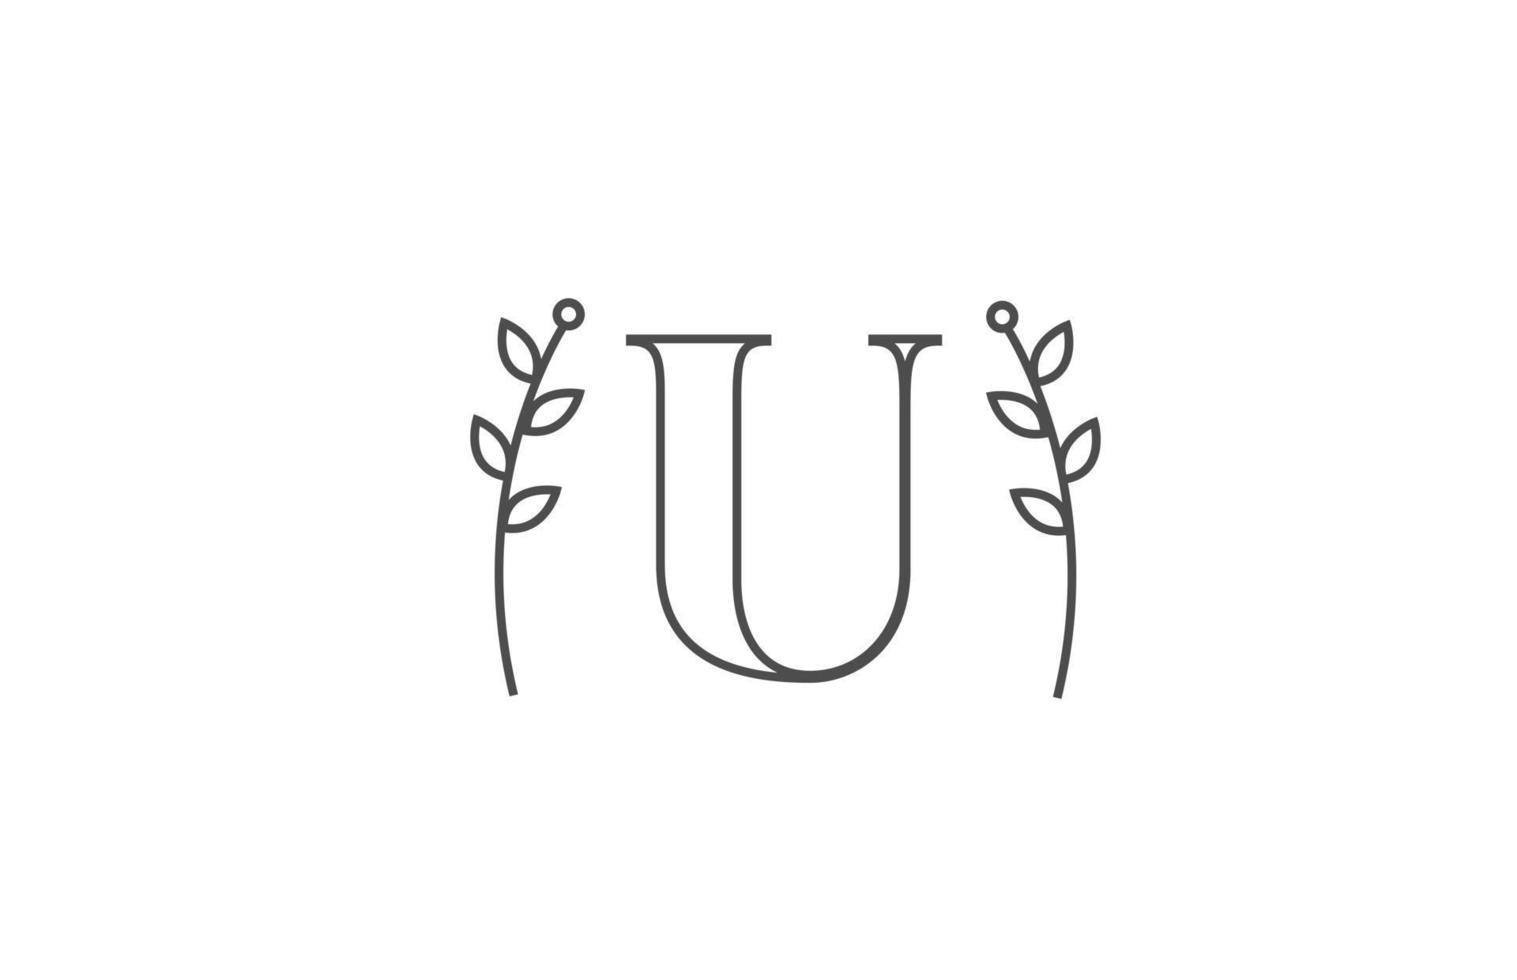 design de logotipo do ícone de letra do alfabeto. modelo de empresa e negócio vetor